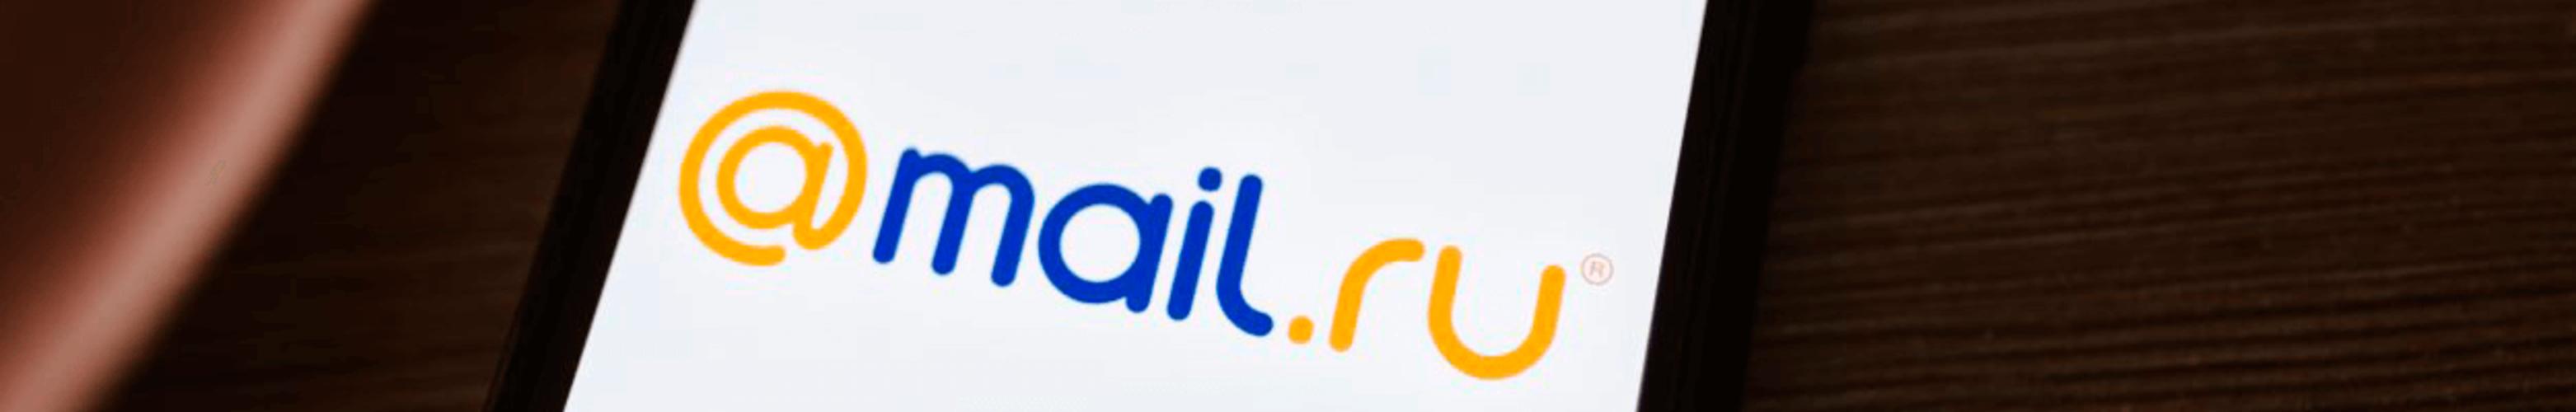 Как настроить почту сервиса mail.ru на iPhone?